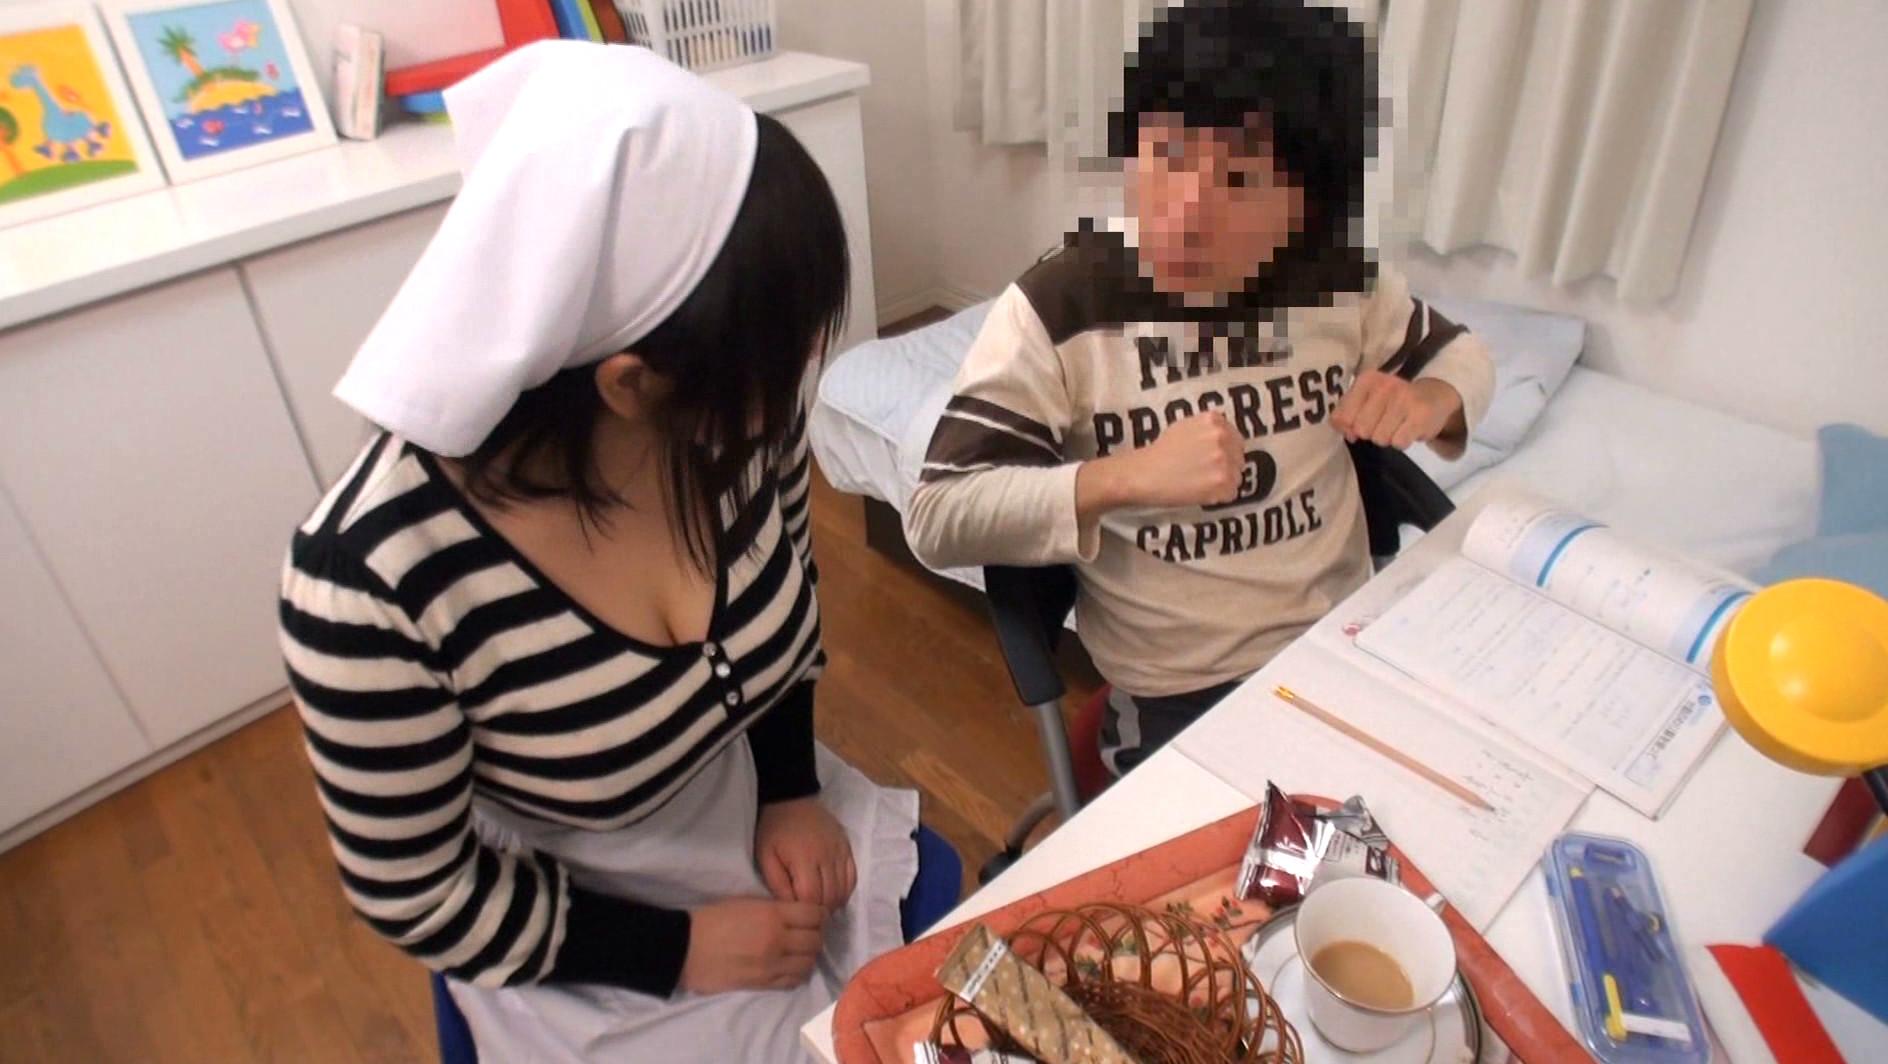 ボイン大好きしょう太くんのHなイタズラ 栗崎紗理奈 画像3